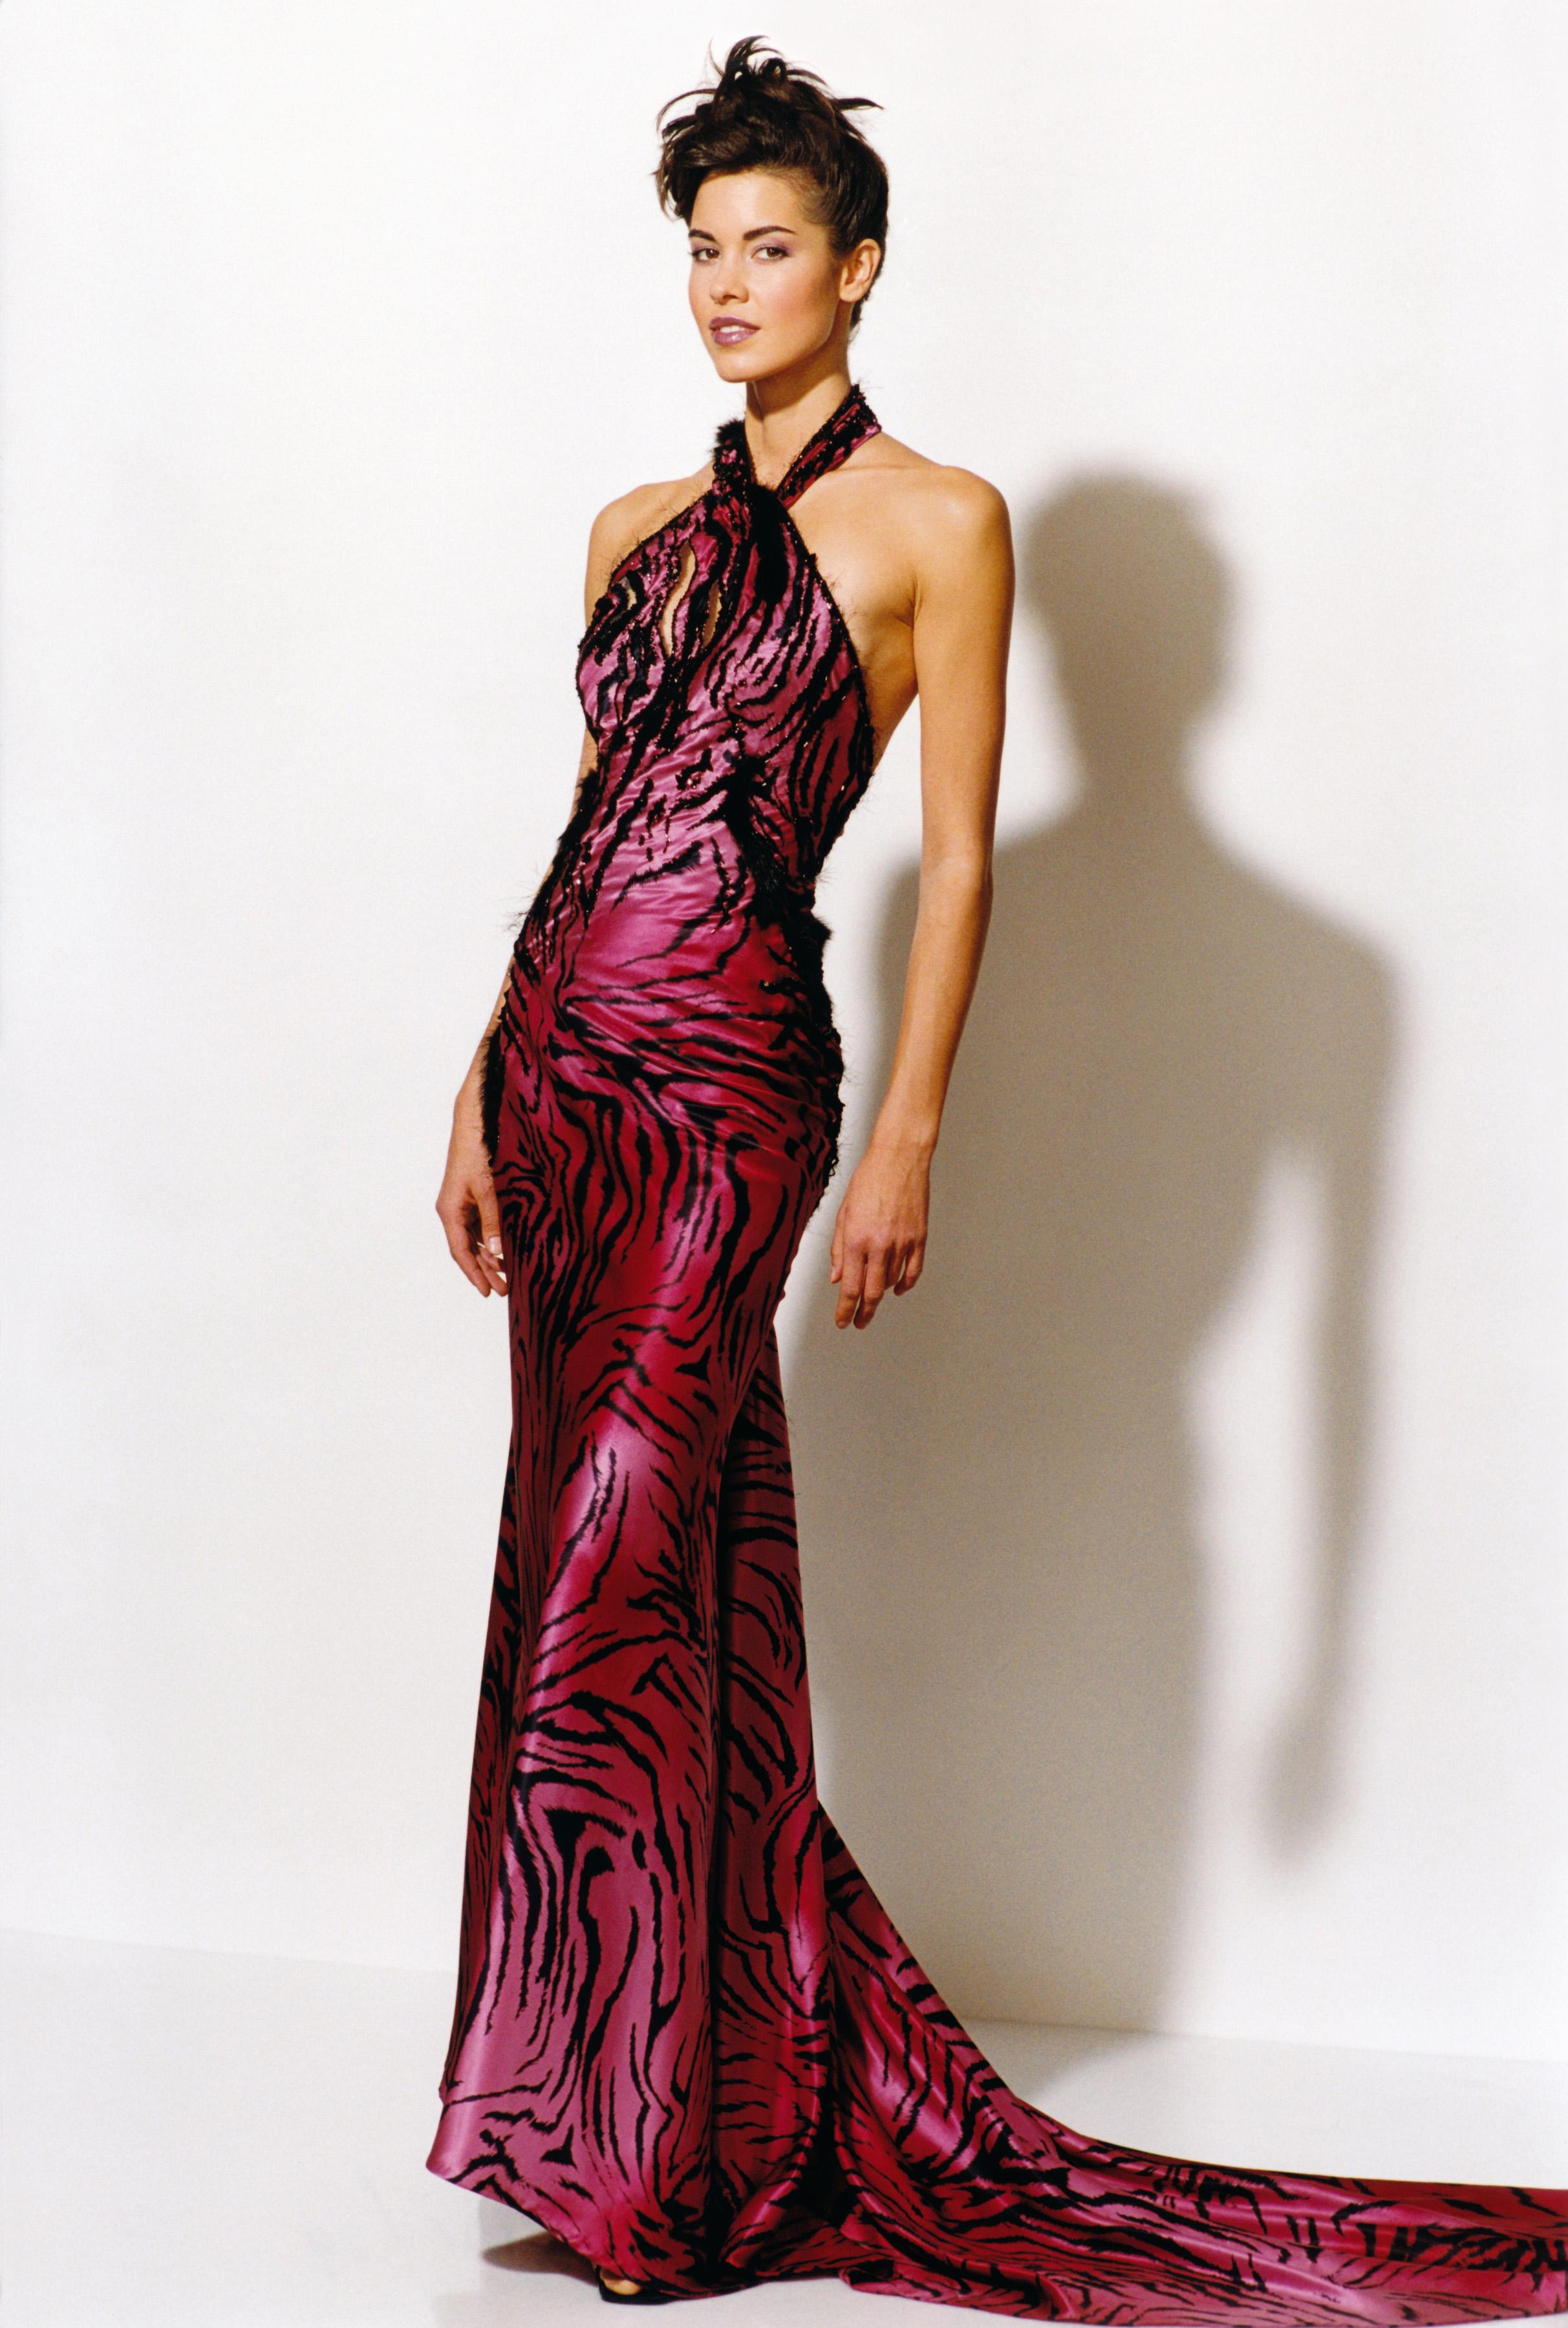 996b147d8dd2 Haute Couture šaty Blanky Matragi kolekce k 20. výročí